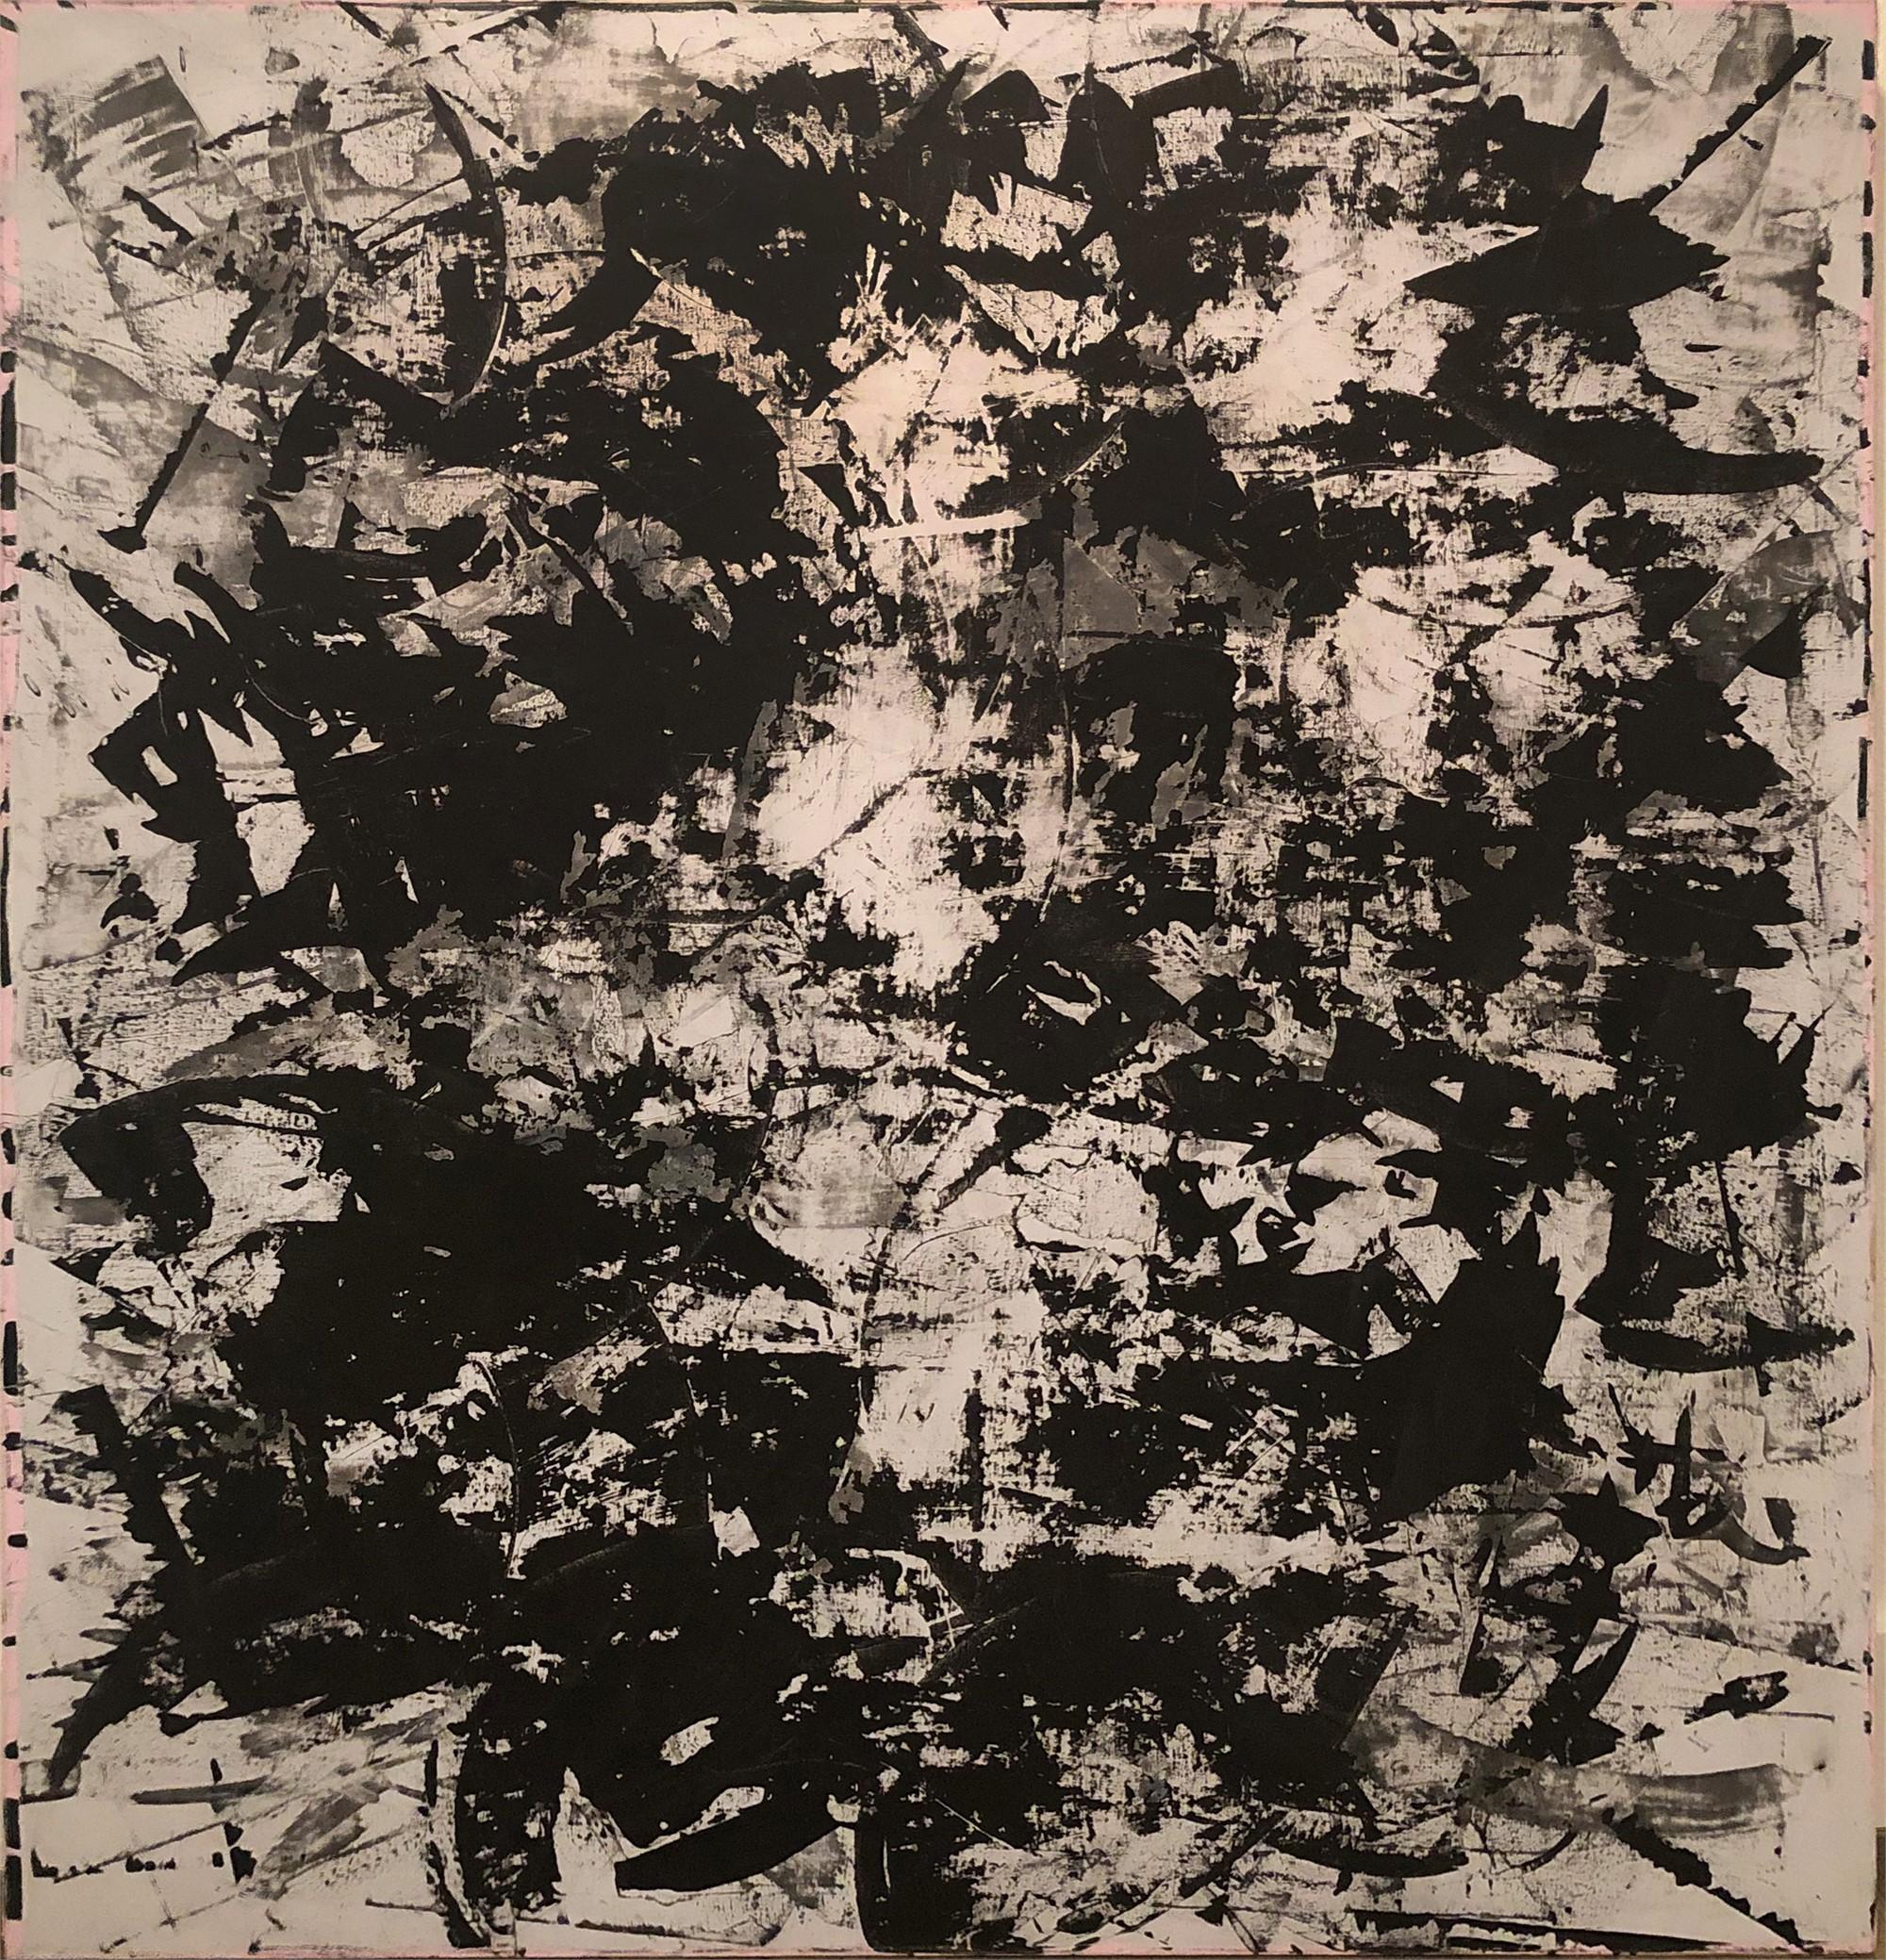 Curumbaya by Ibsen Espada